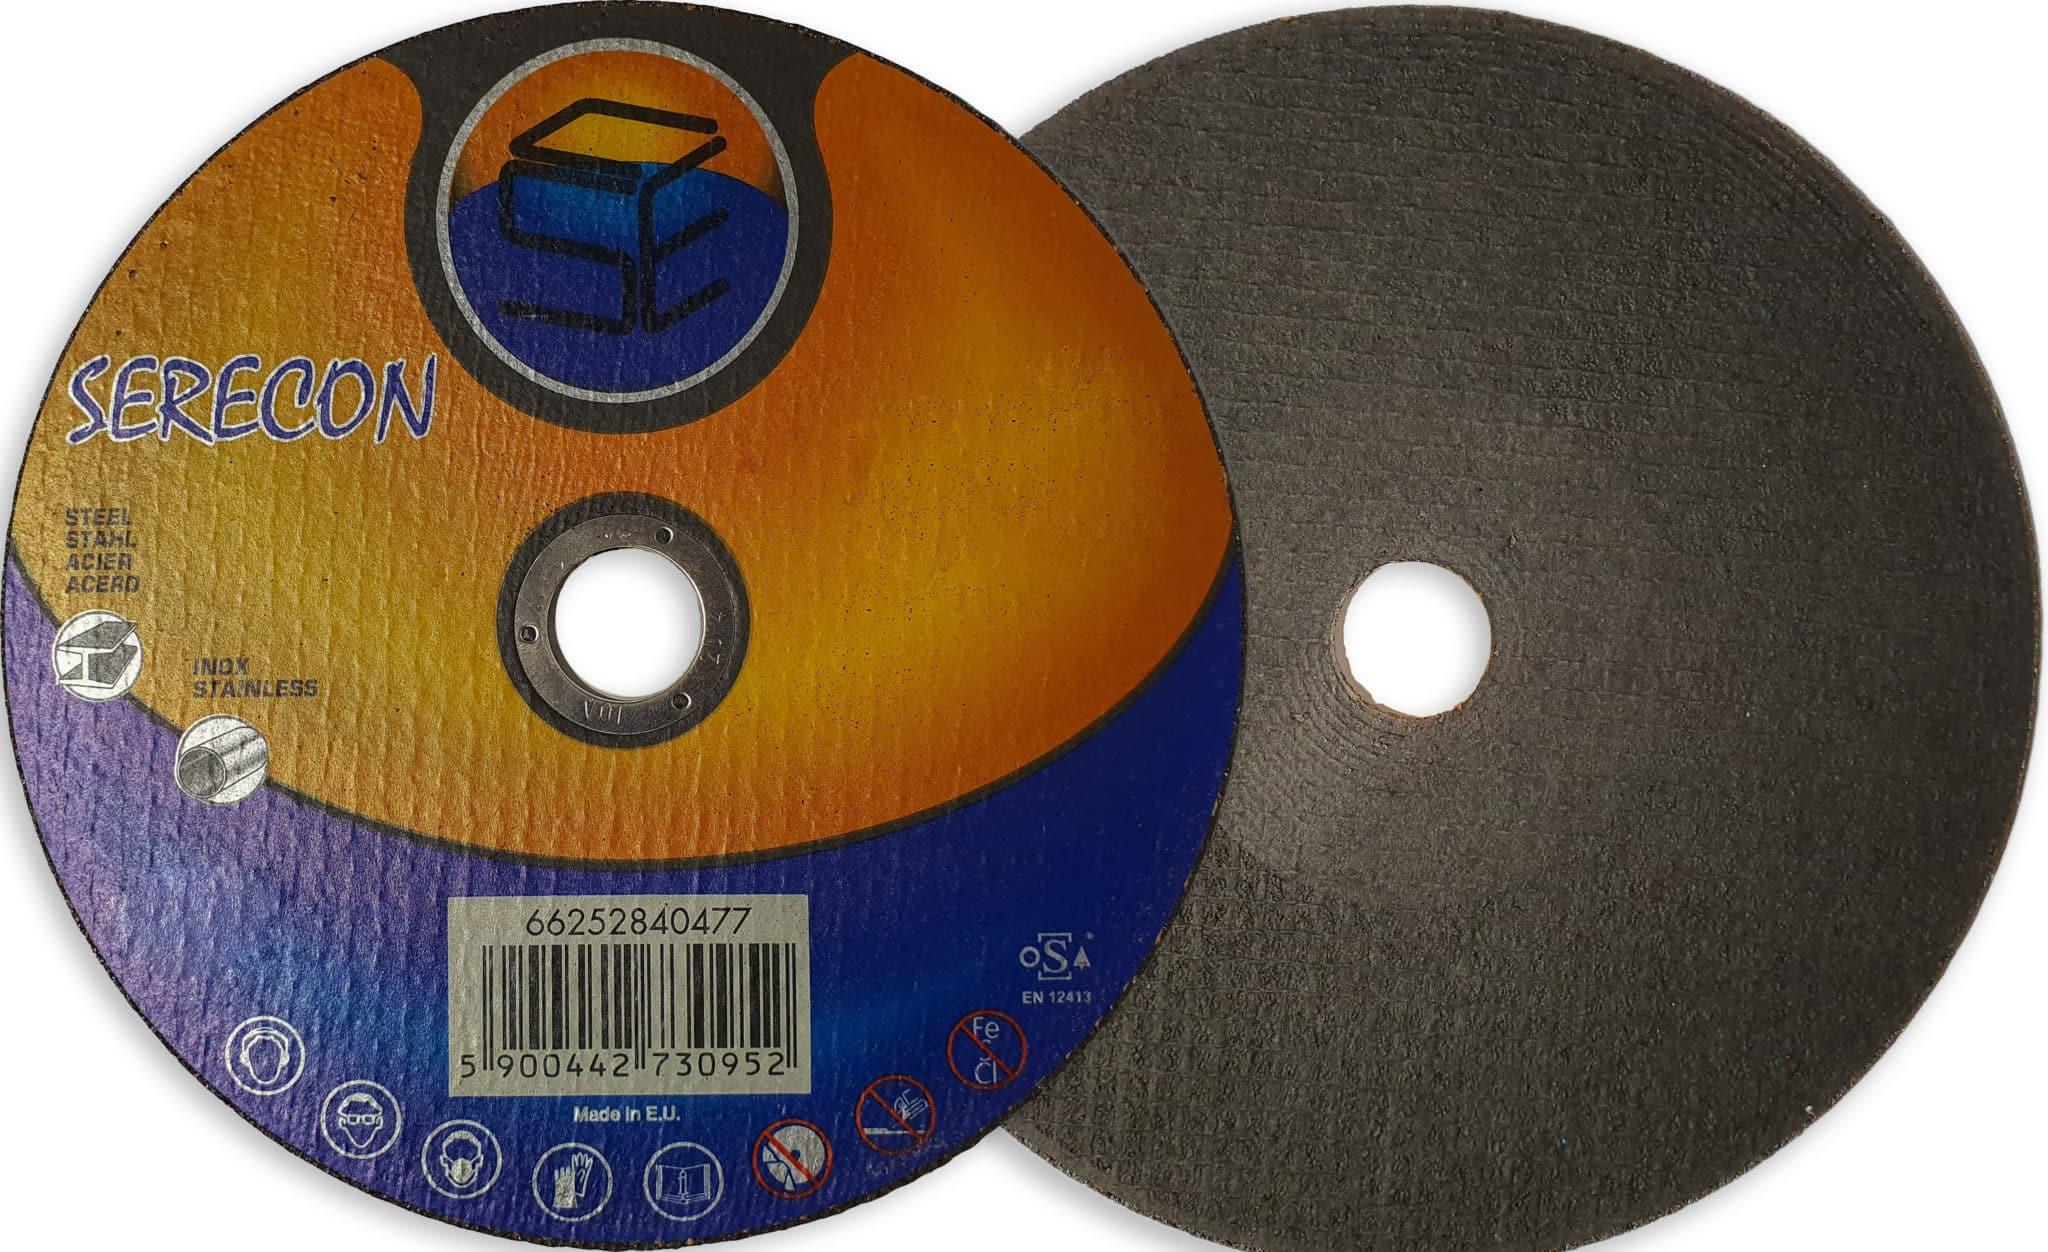 ¿Cómo elegir el disco de corte adecuado?